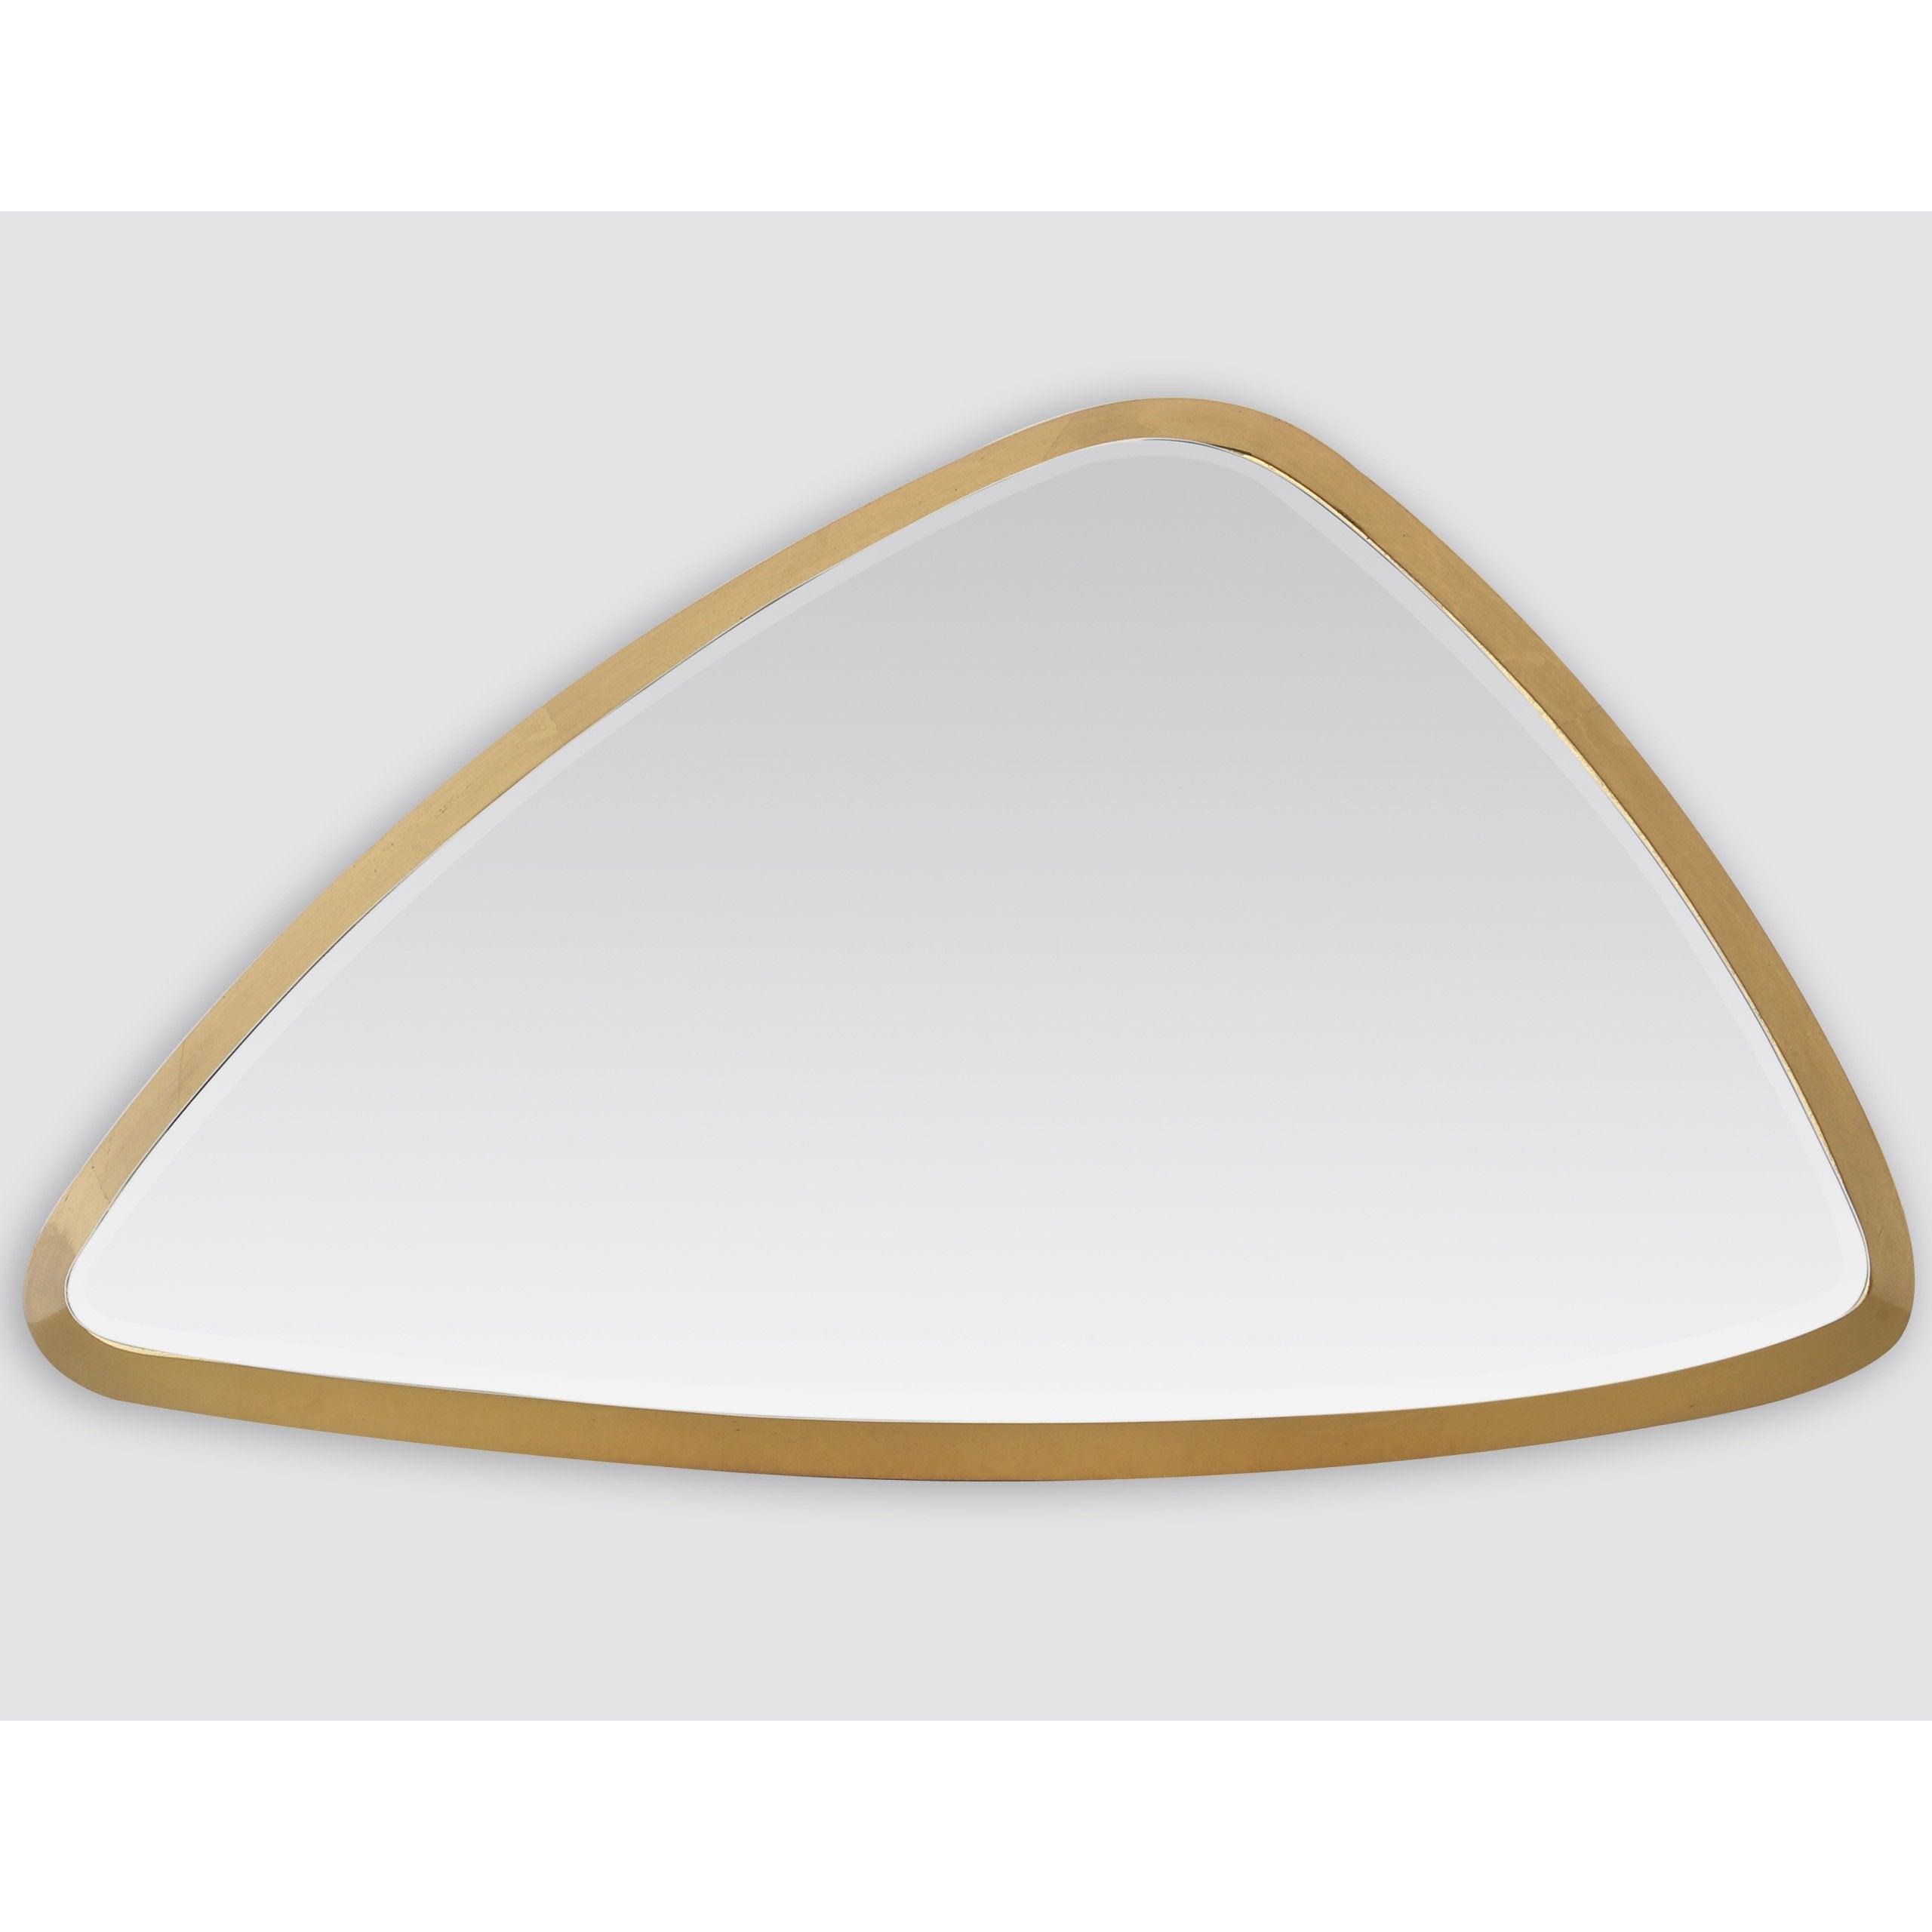 Miroir triangulaire Biseauté, dorée, l.55 x H.55 cm